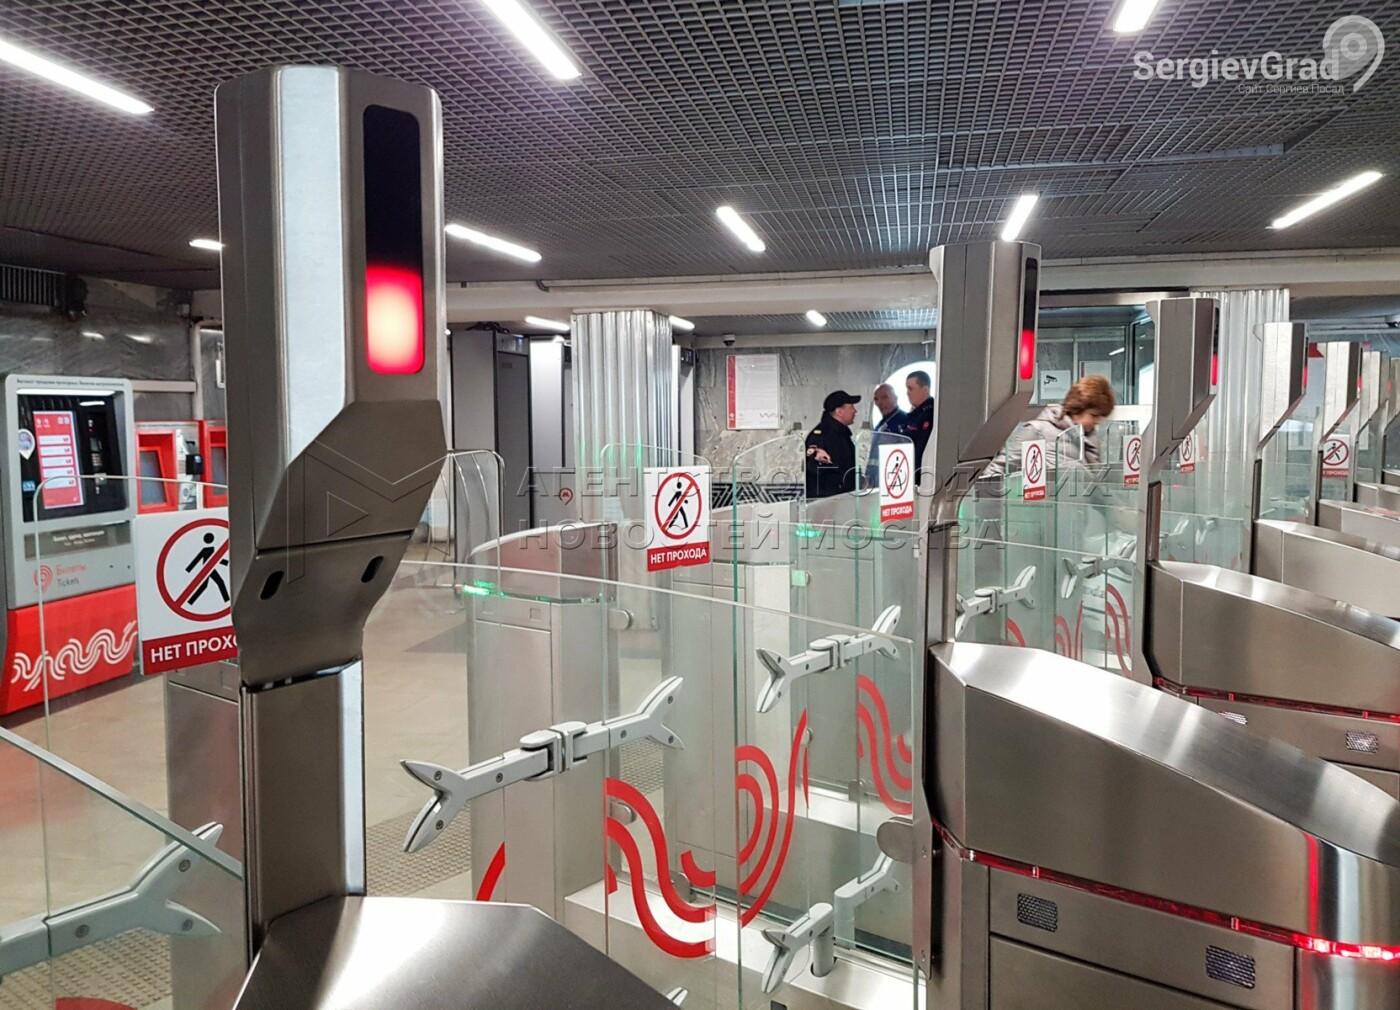 Поездки в Московском метро можно будет оплатить при помощи лица